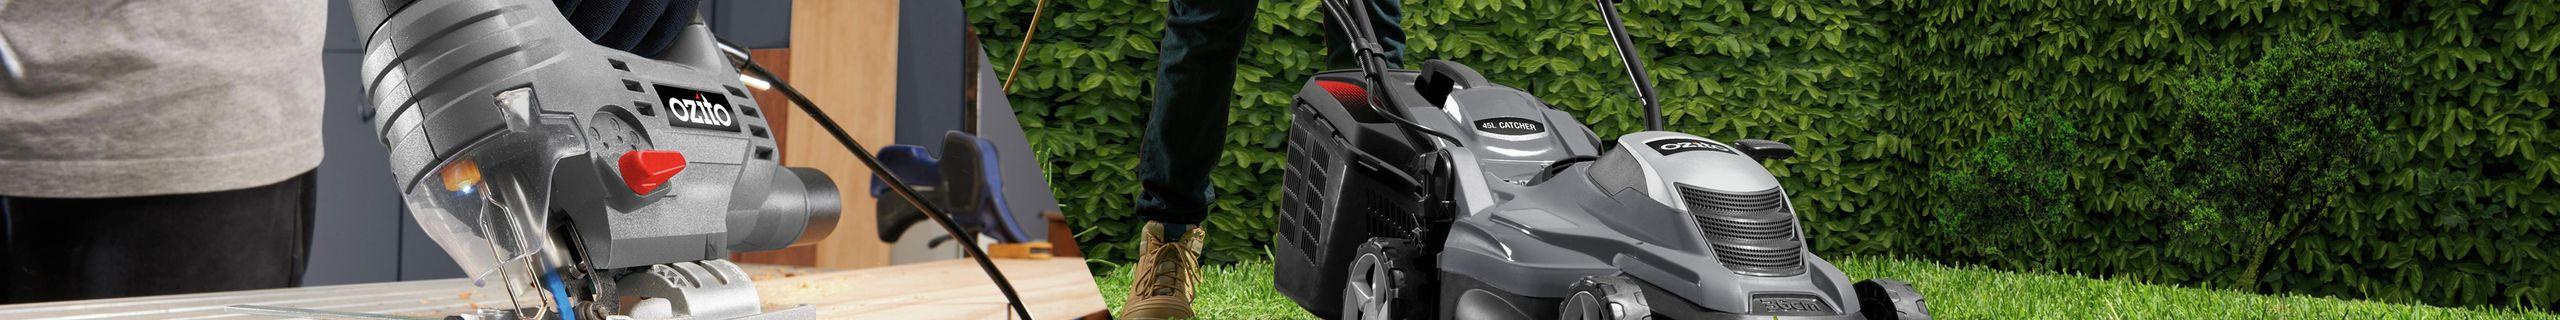 Ozito - header banner - Ozito mower and reciprocating saw